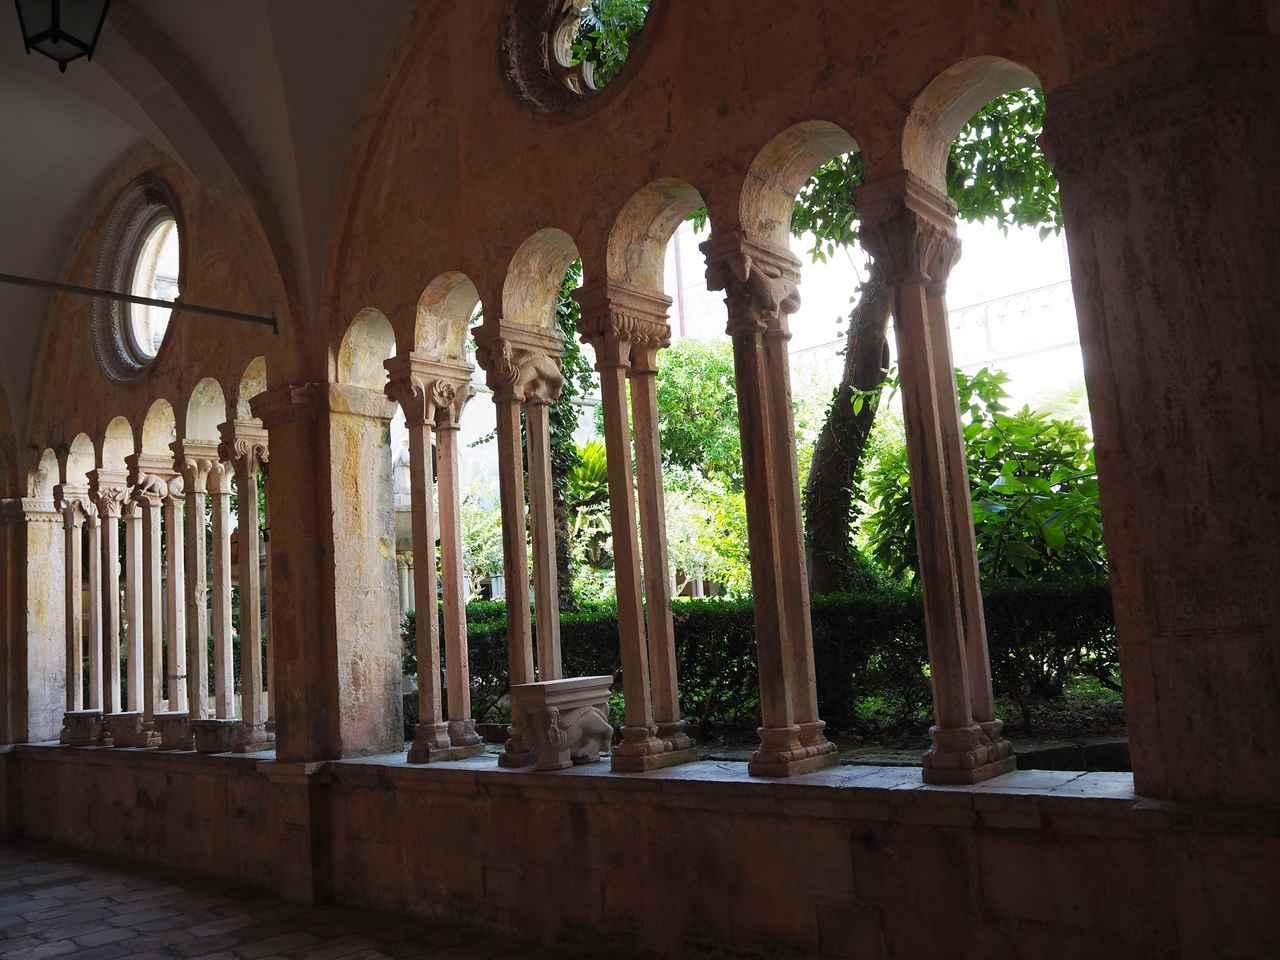 画像: 聖フランシスコ修道院の回廊(イメージ)